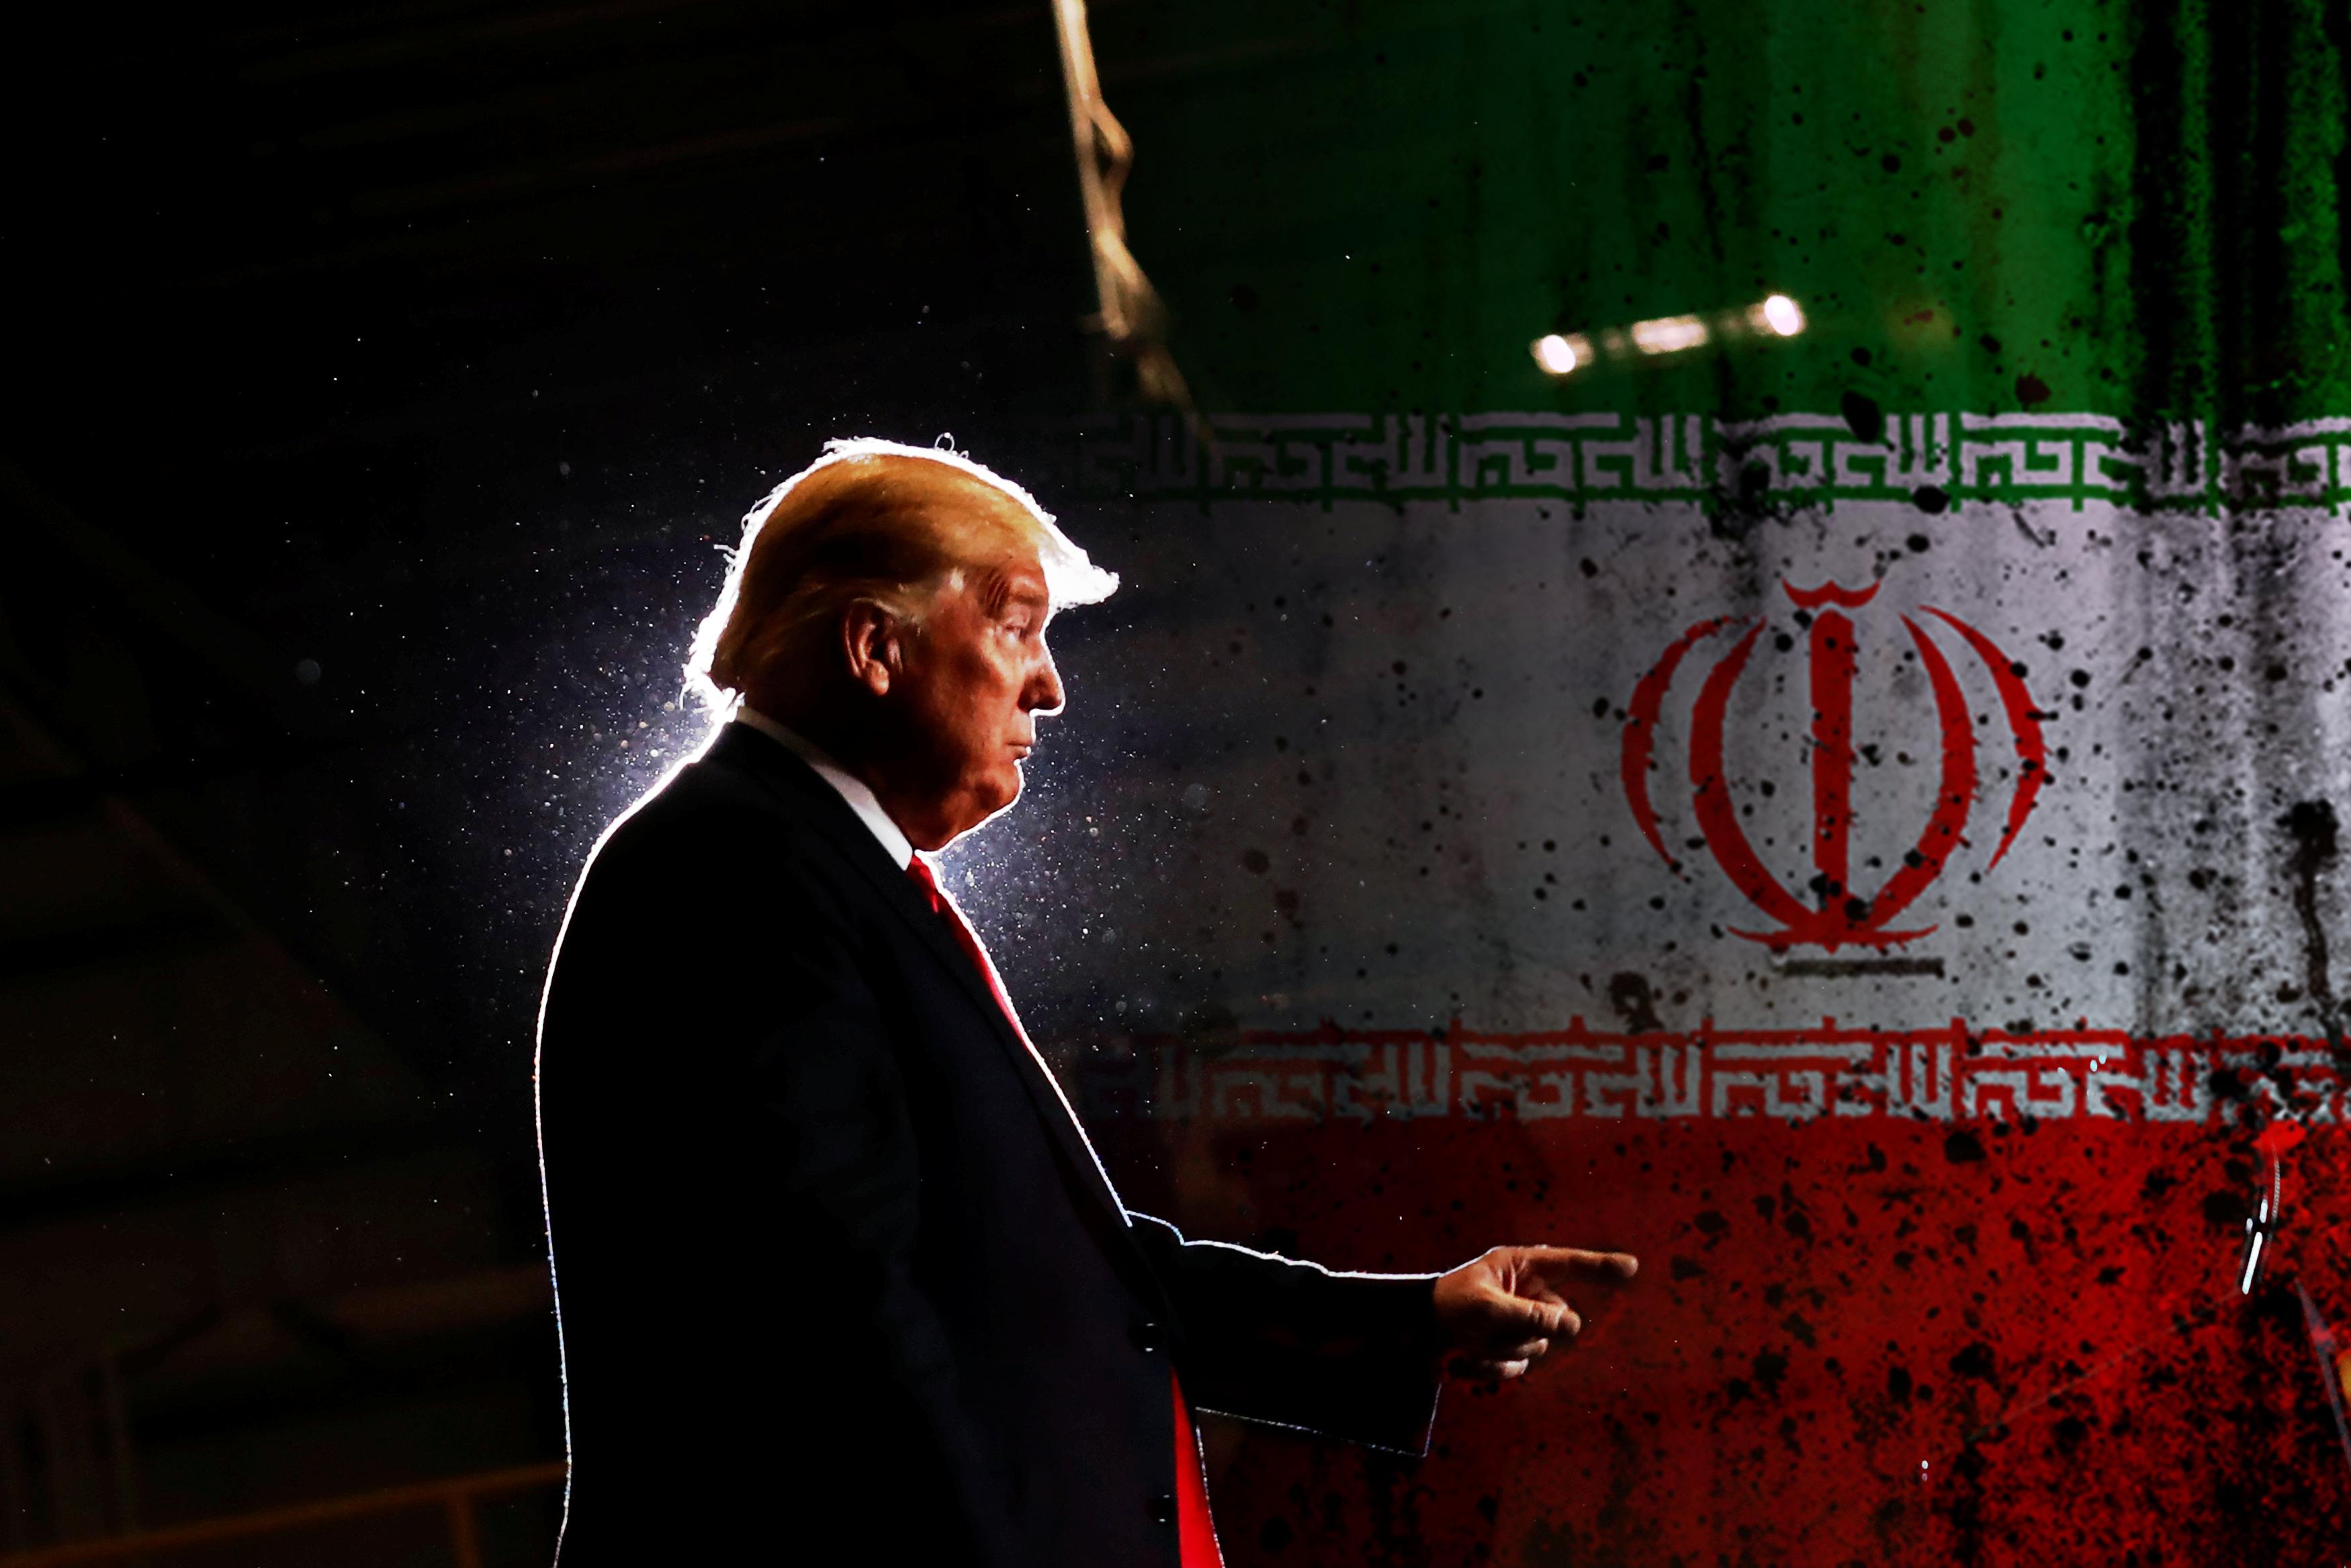 علم إيران والرئيس الأمريكي دونالد ترامب